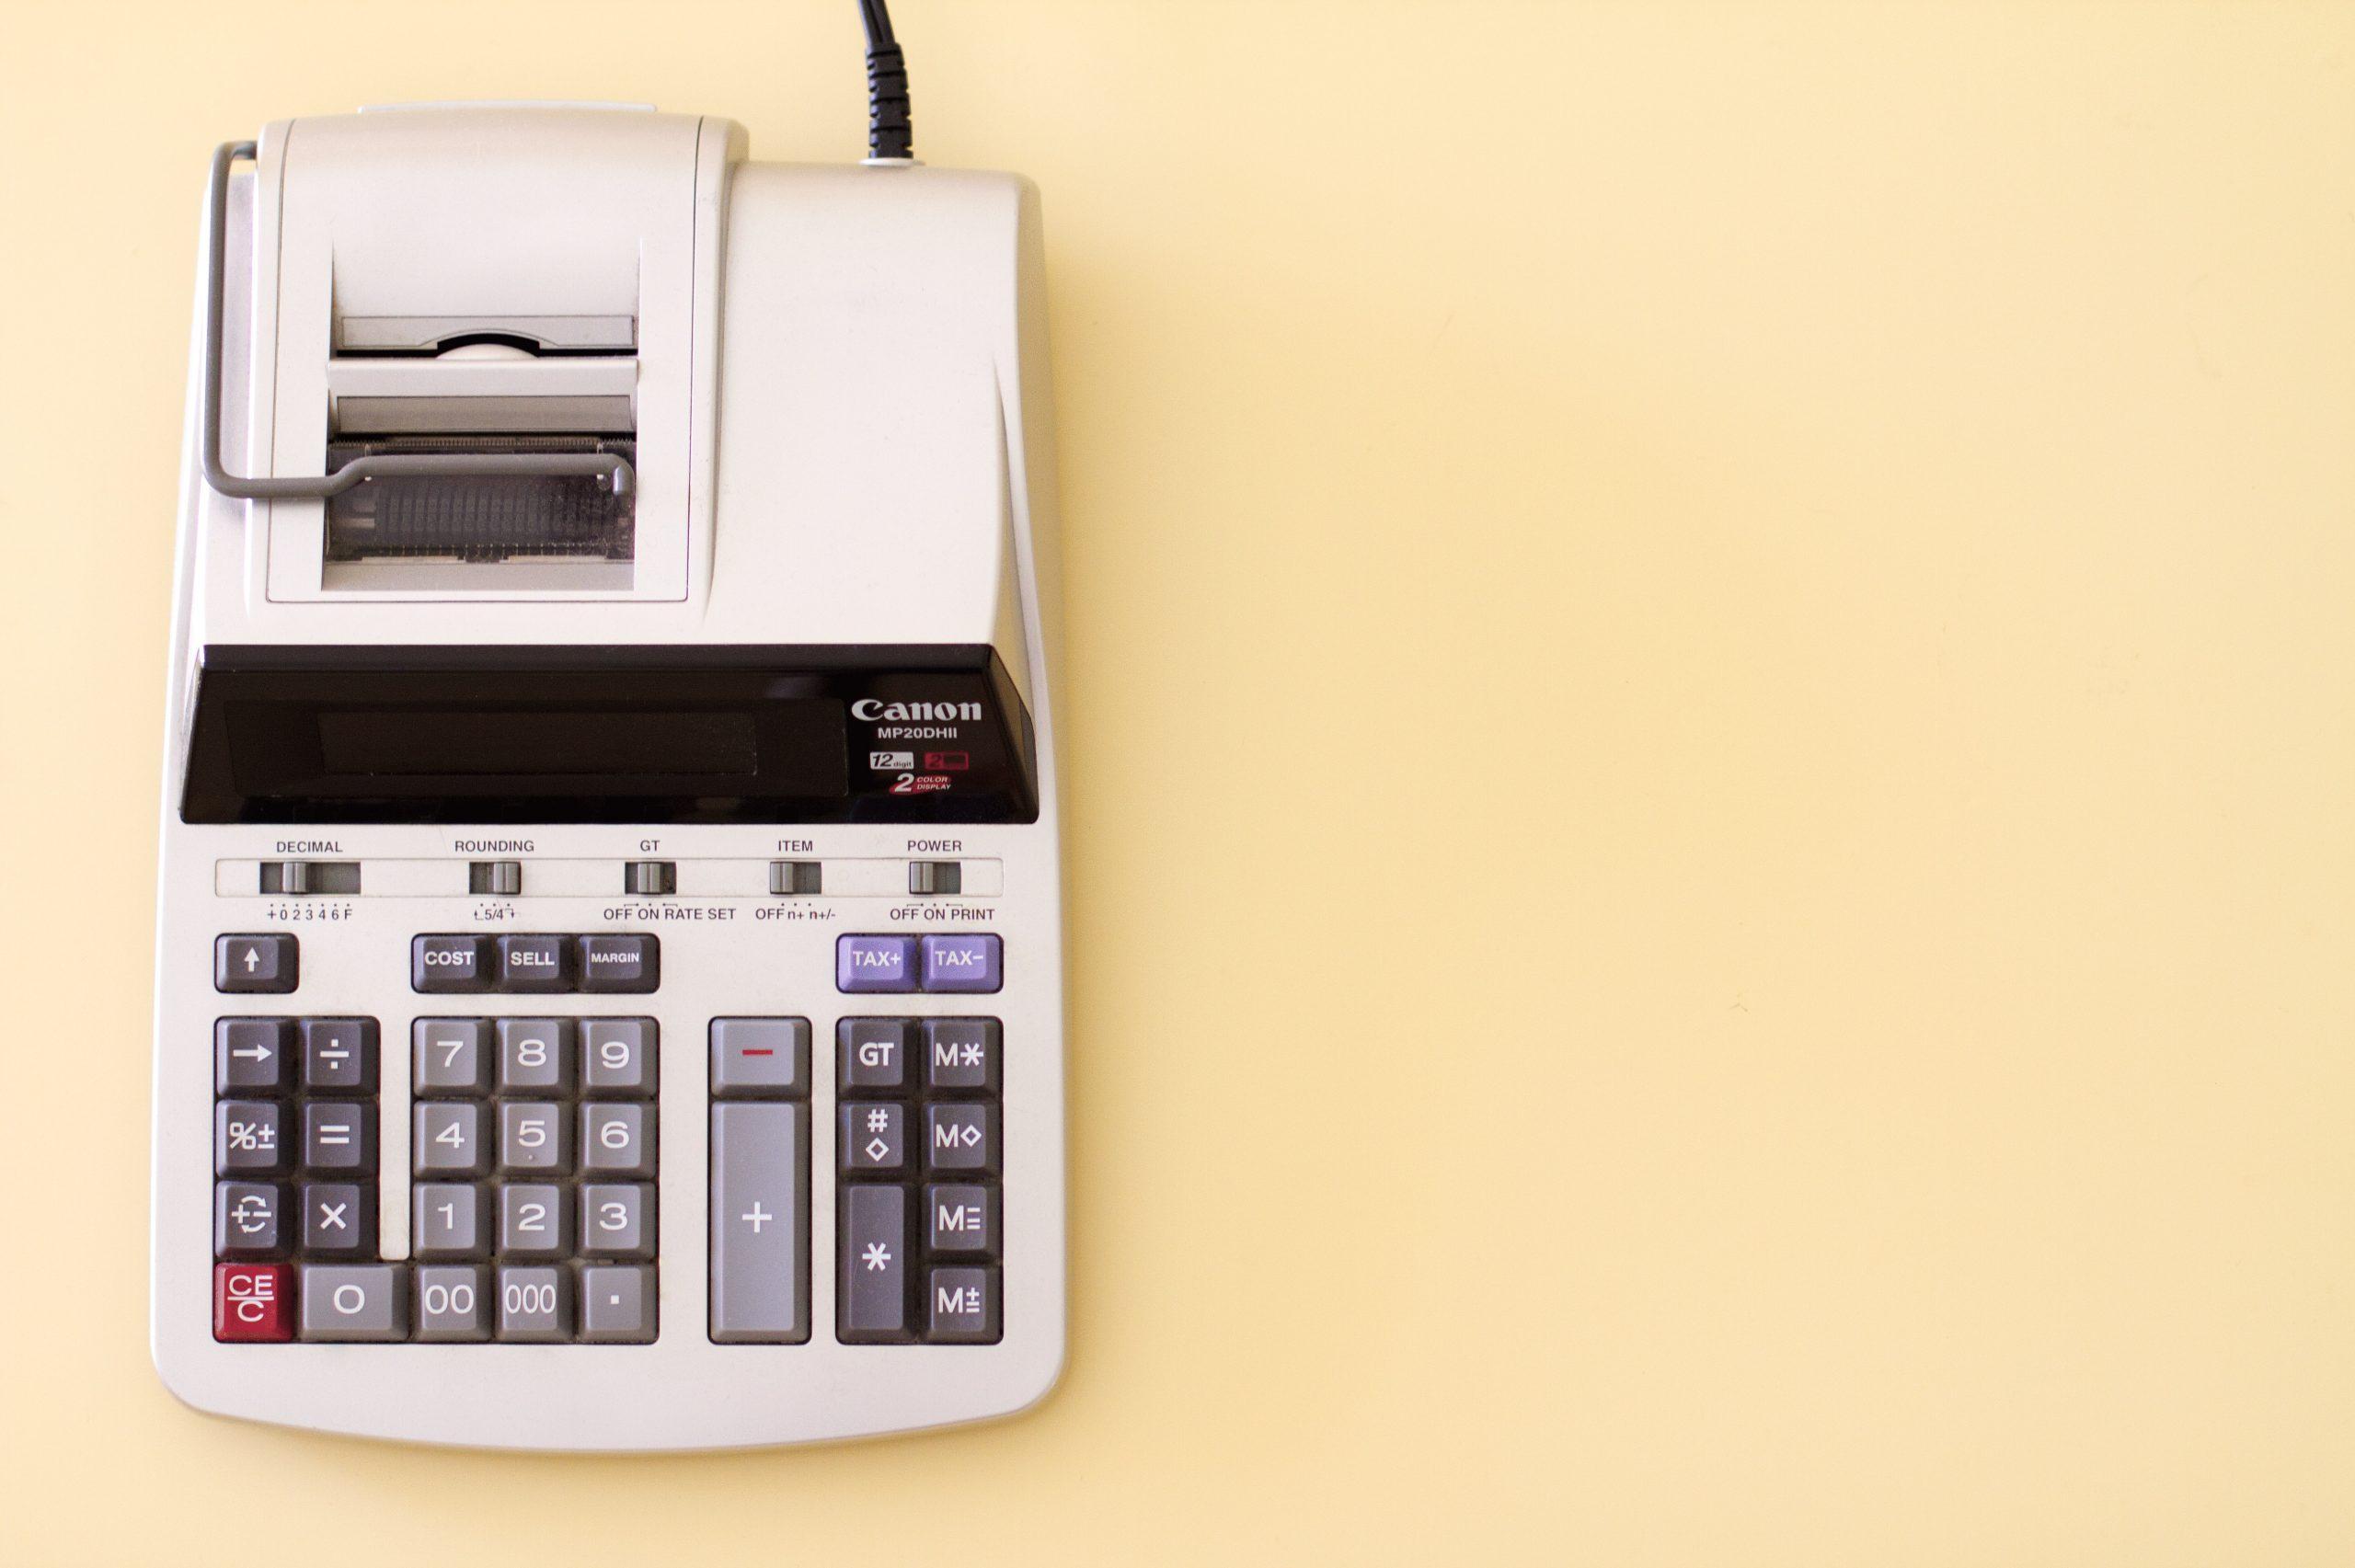 El nuevo Impuesto Digital: 4 puntos en contra